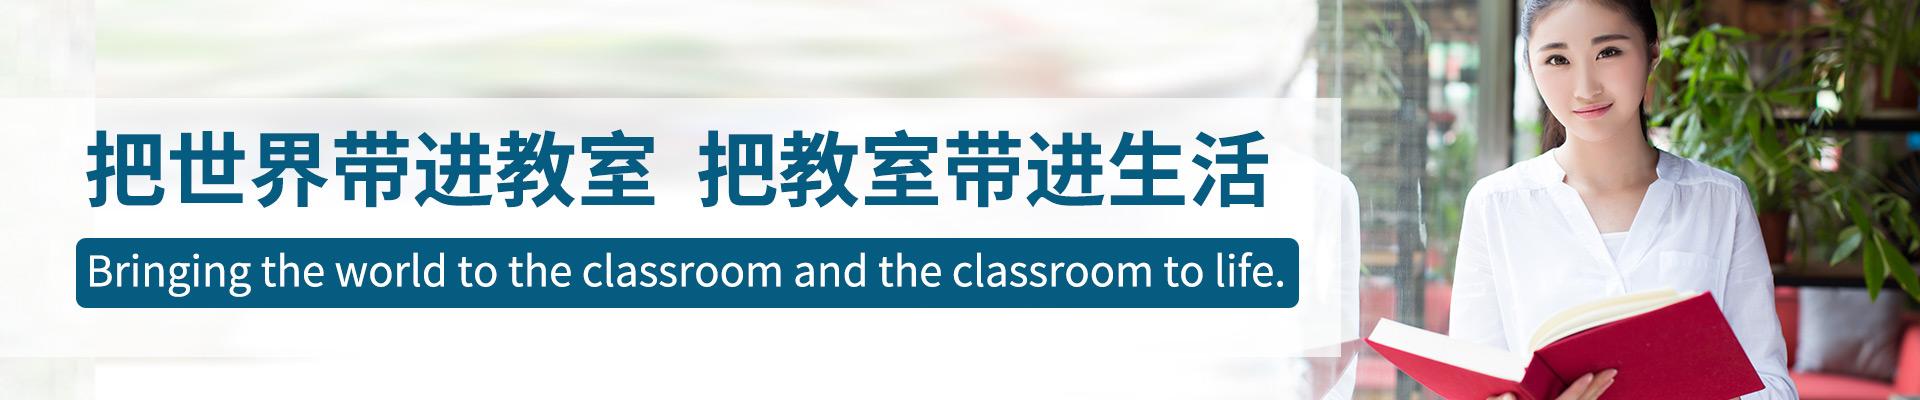 哈尔滨美联英语培训学校